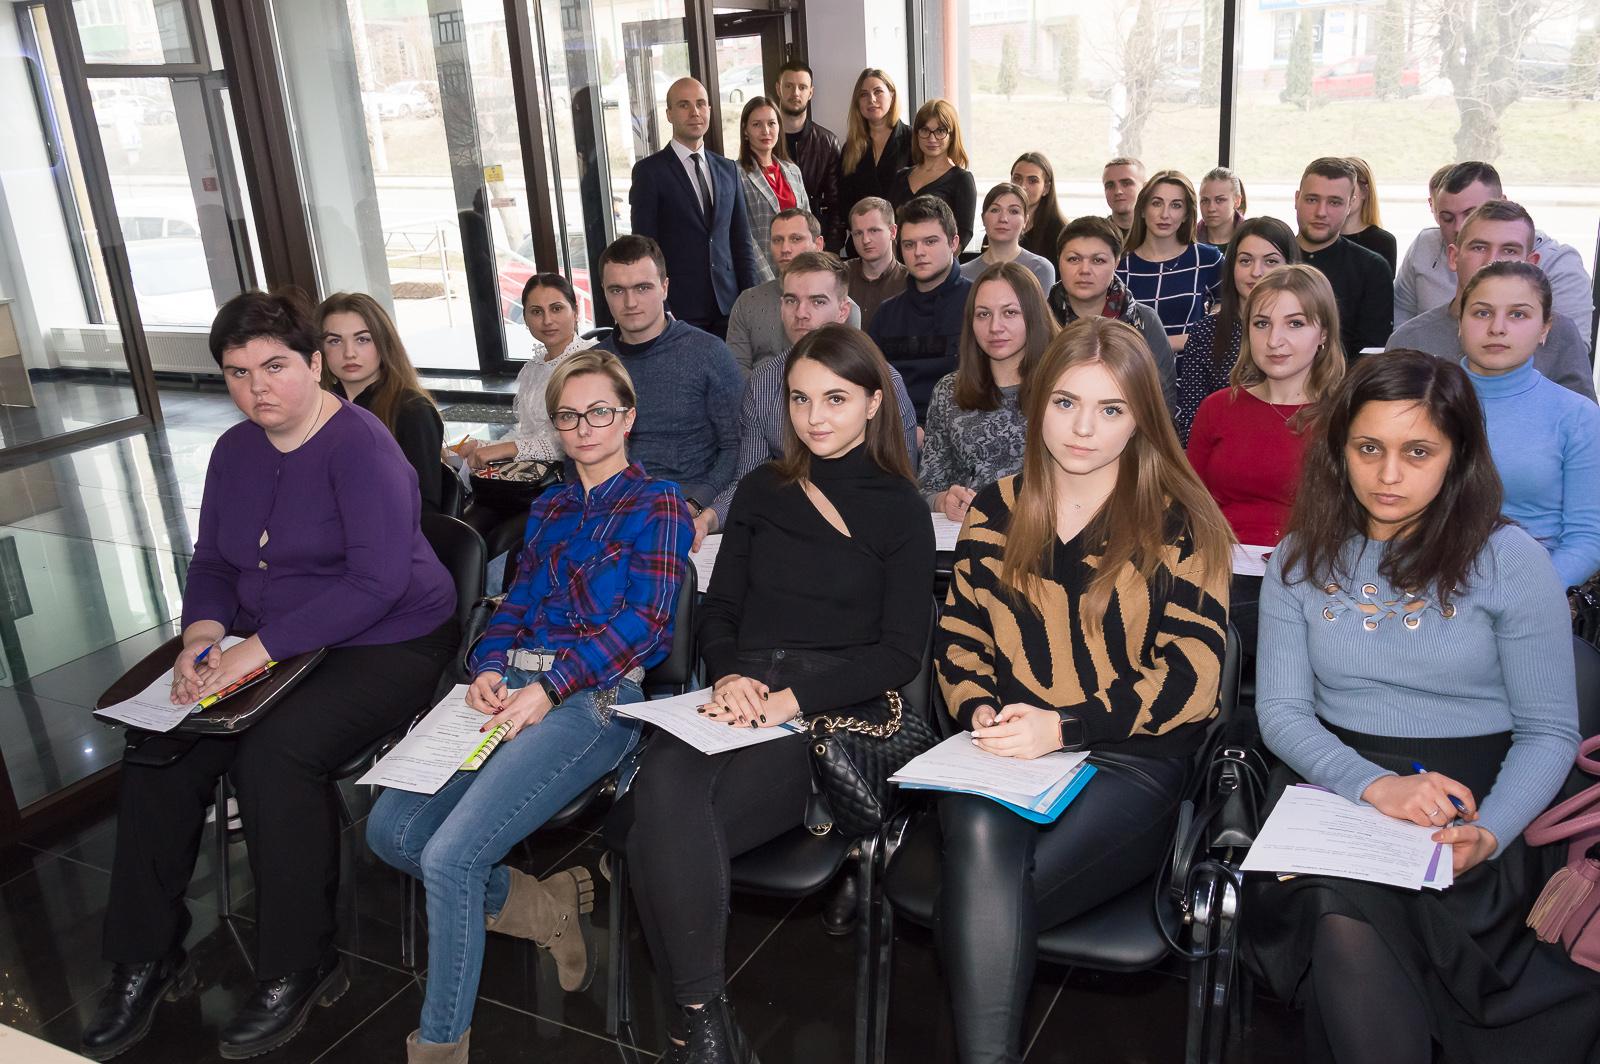 """Лекцию """"Финансовые рынки и основы биржевых технологий"""" в Черновцах посетили студенты и преподаватели МАУП - 15 фото"""